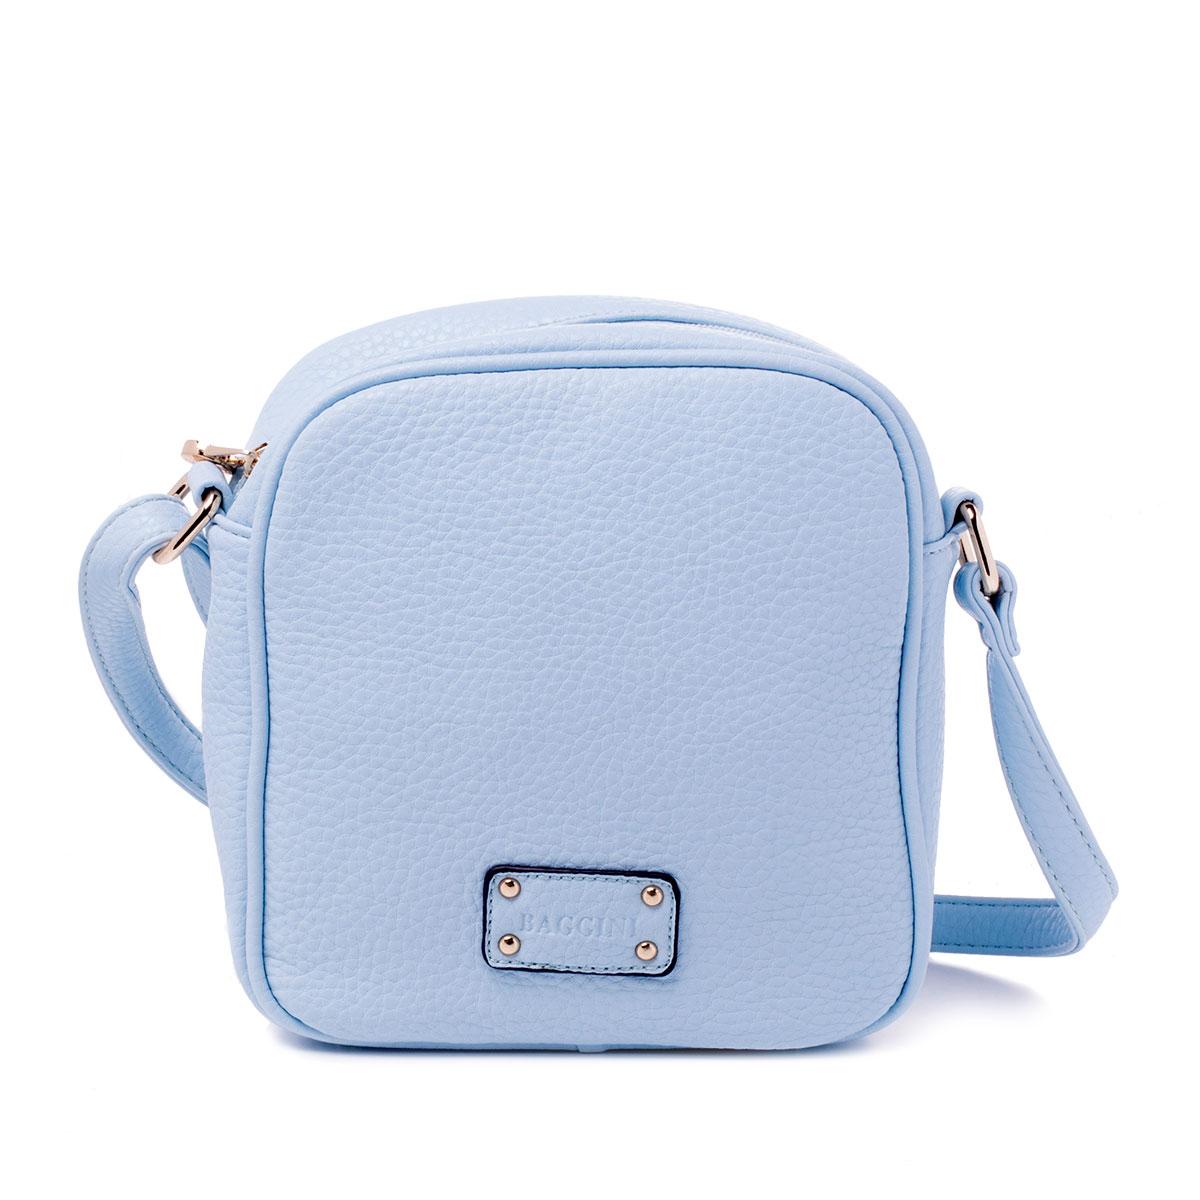 Сумка женская Baggini, цвет: голубой, аква. 29703/4029703/40Сумка жен., иск. кожа